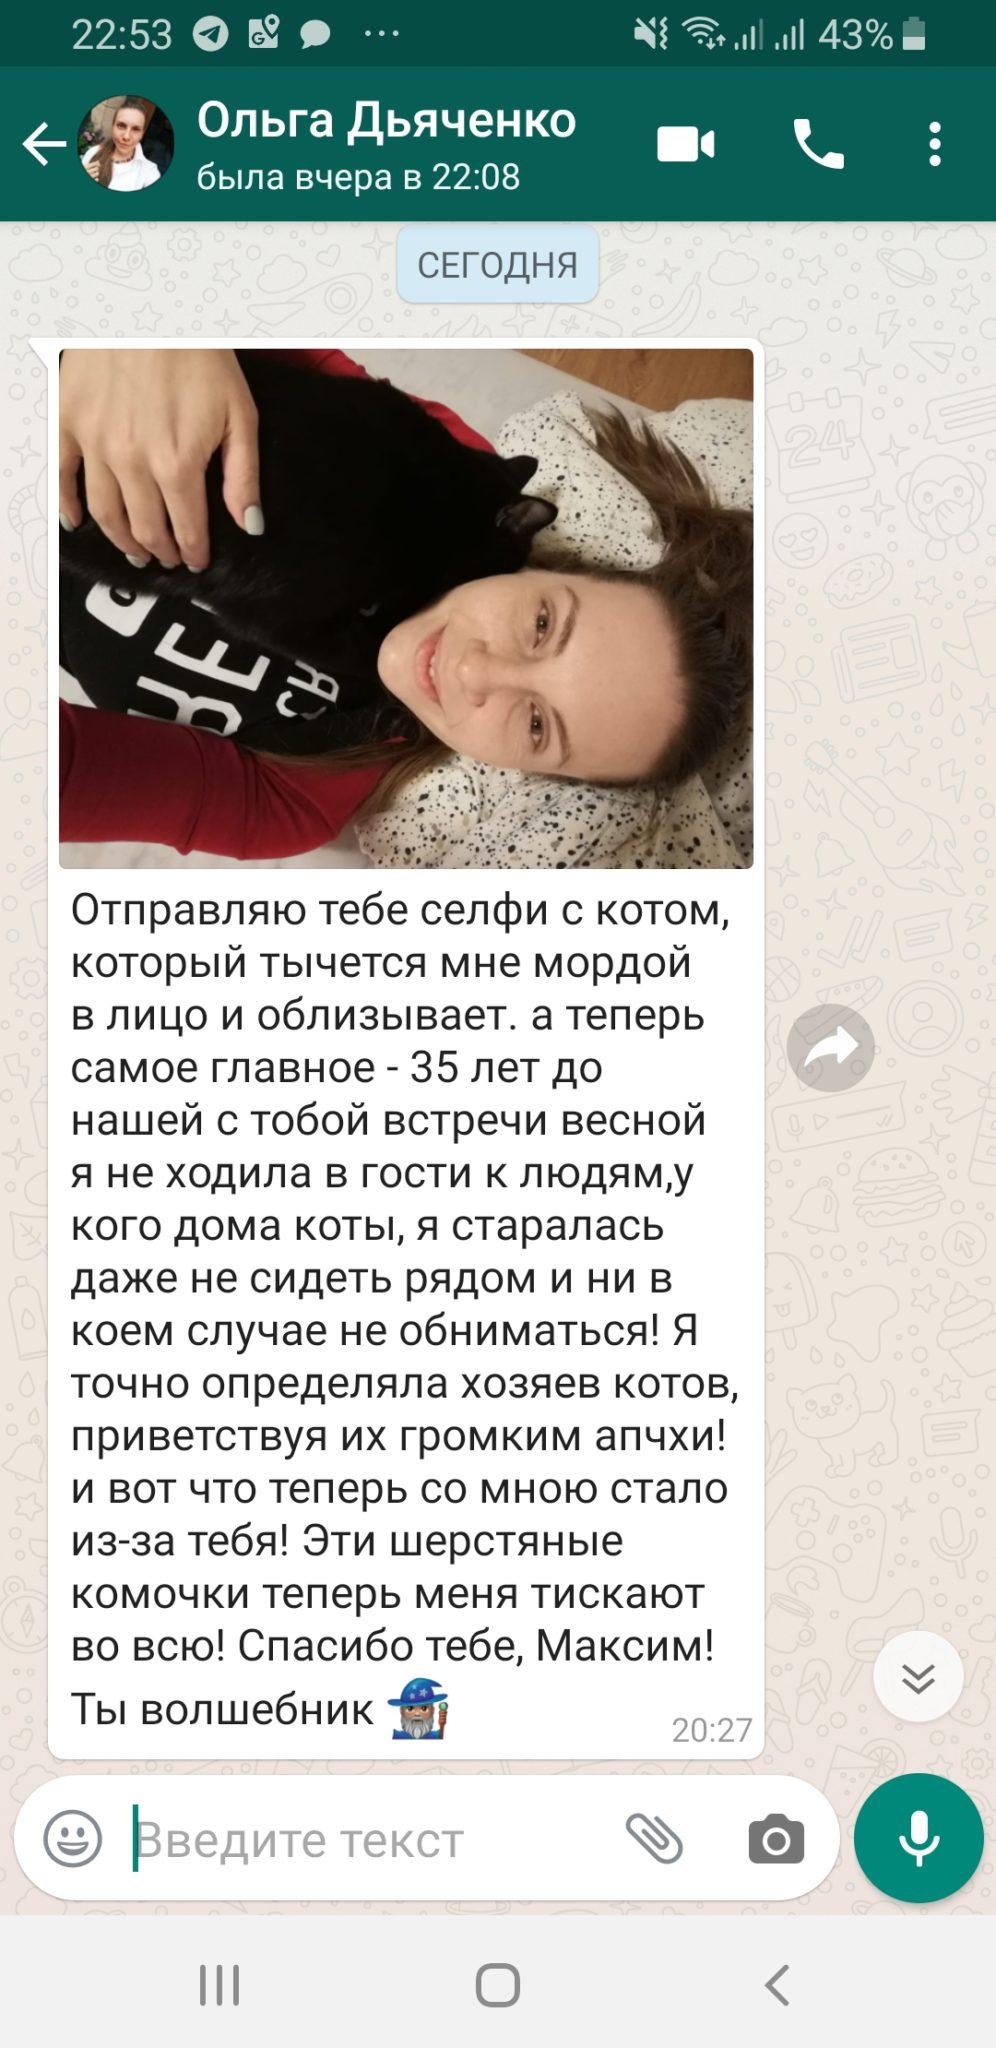 Screenshot_20200122-225337_WhatsApp